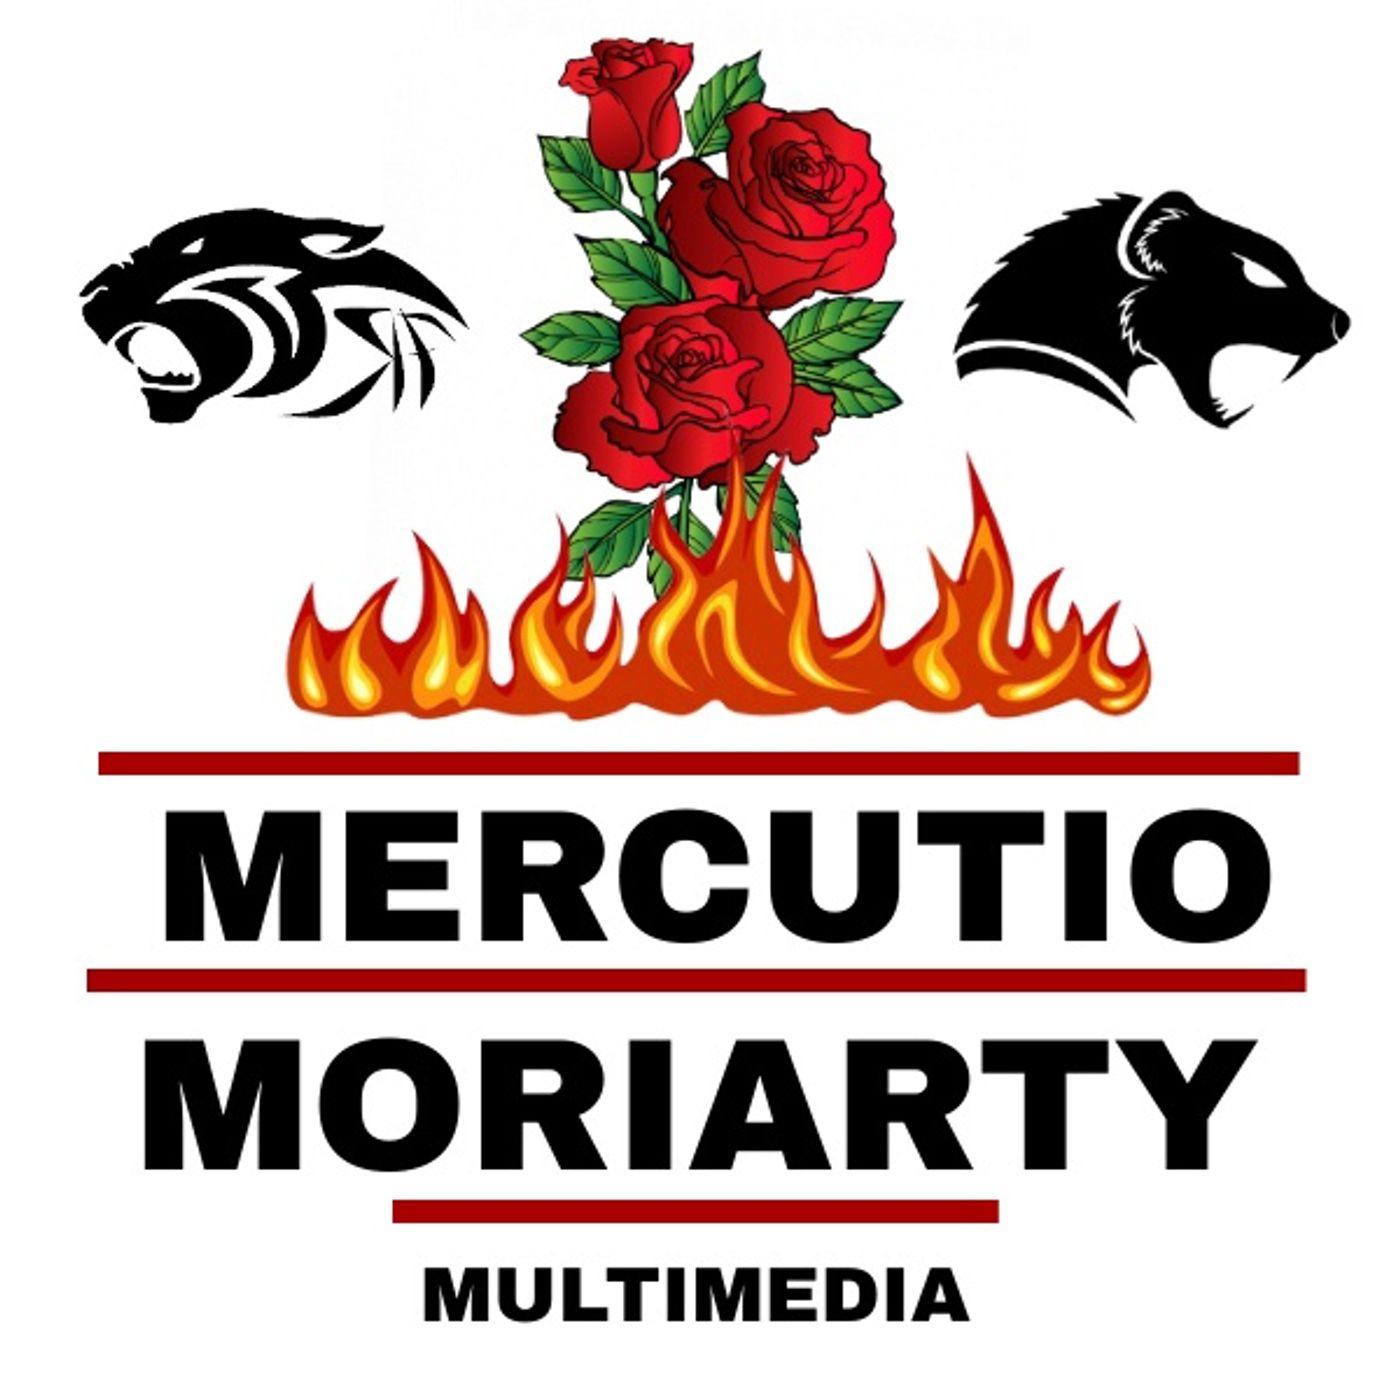 Mercutio Moriarty